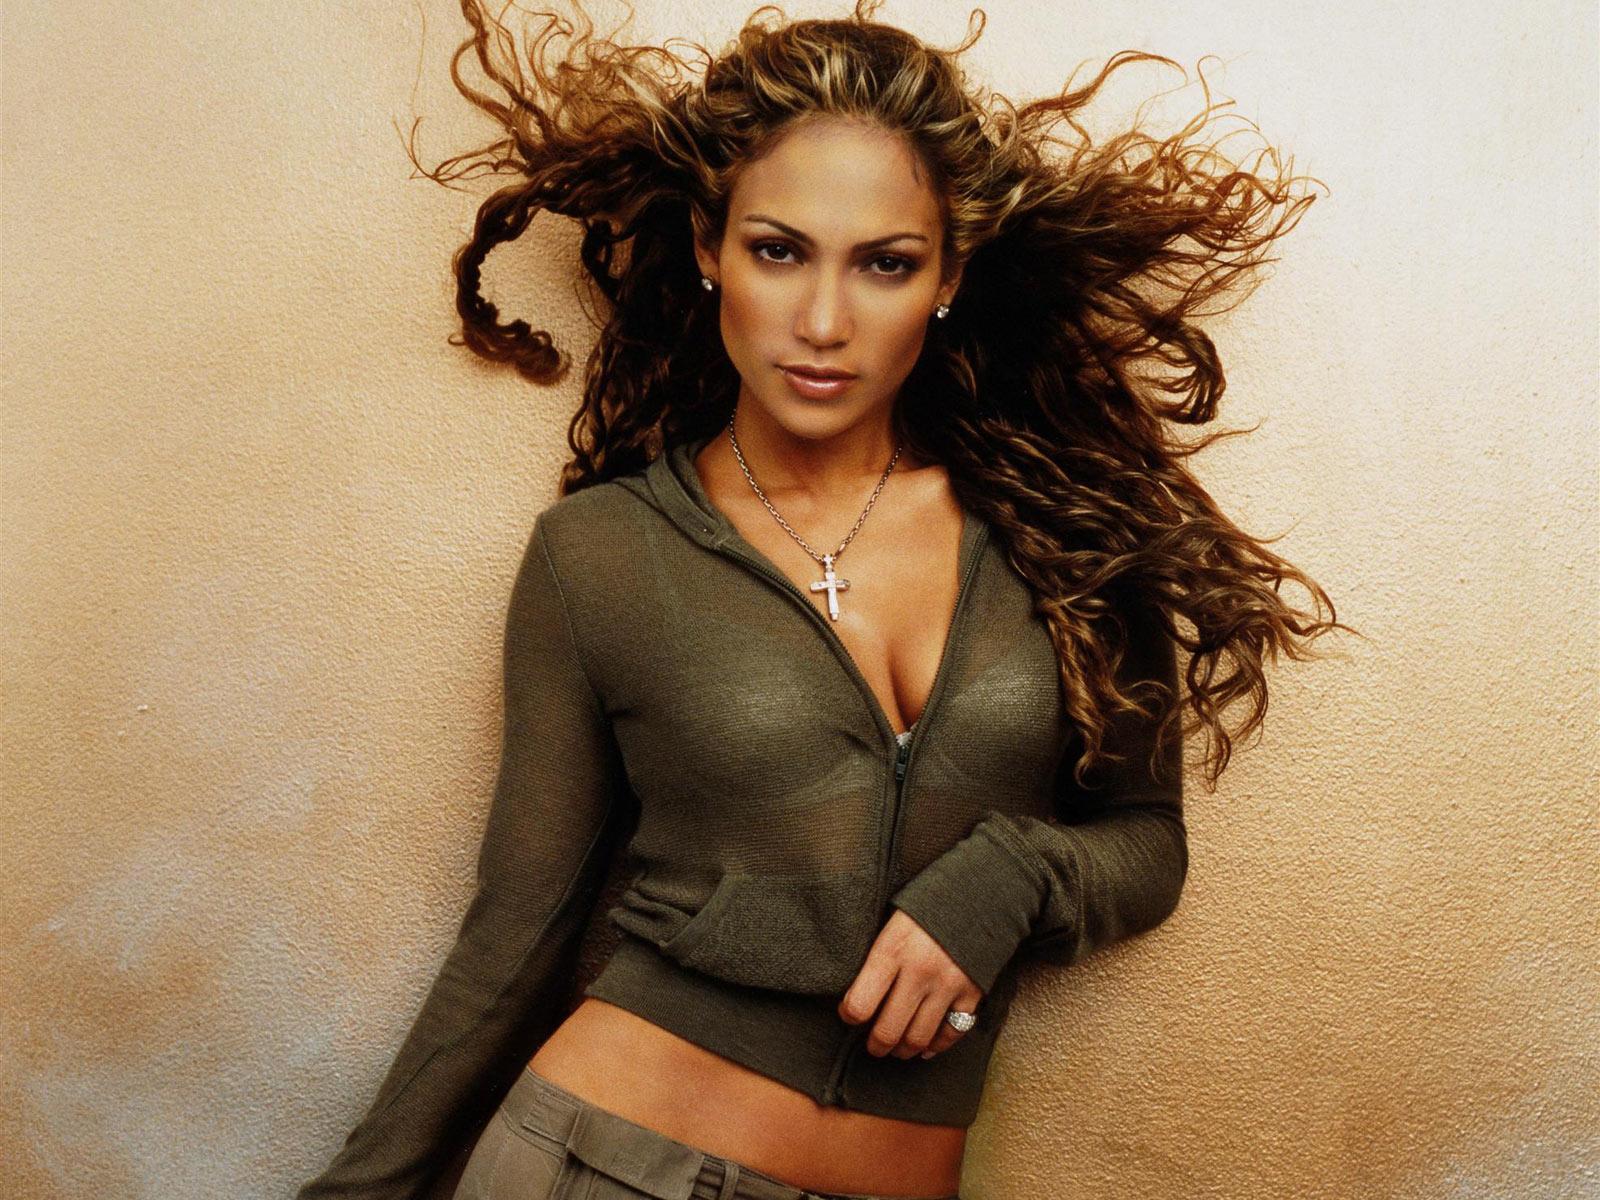 http://4.bp.blogspot.com/-MKd_YkLNXIk/T9fih6cfrkI/AAAAAAAAD1Y/lLaP1ev326s/s1600/Jennifer_Lopez_hot_sexy_wallpaper_latest+(8).jpg